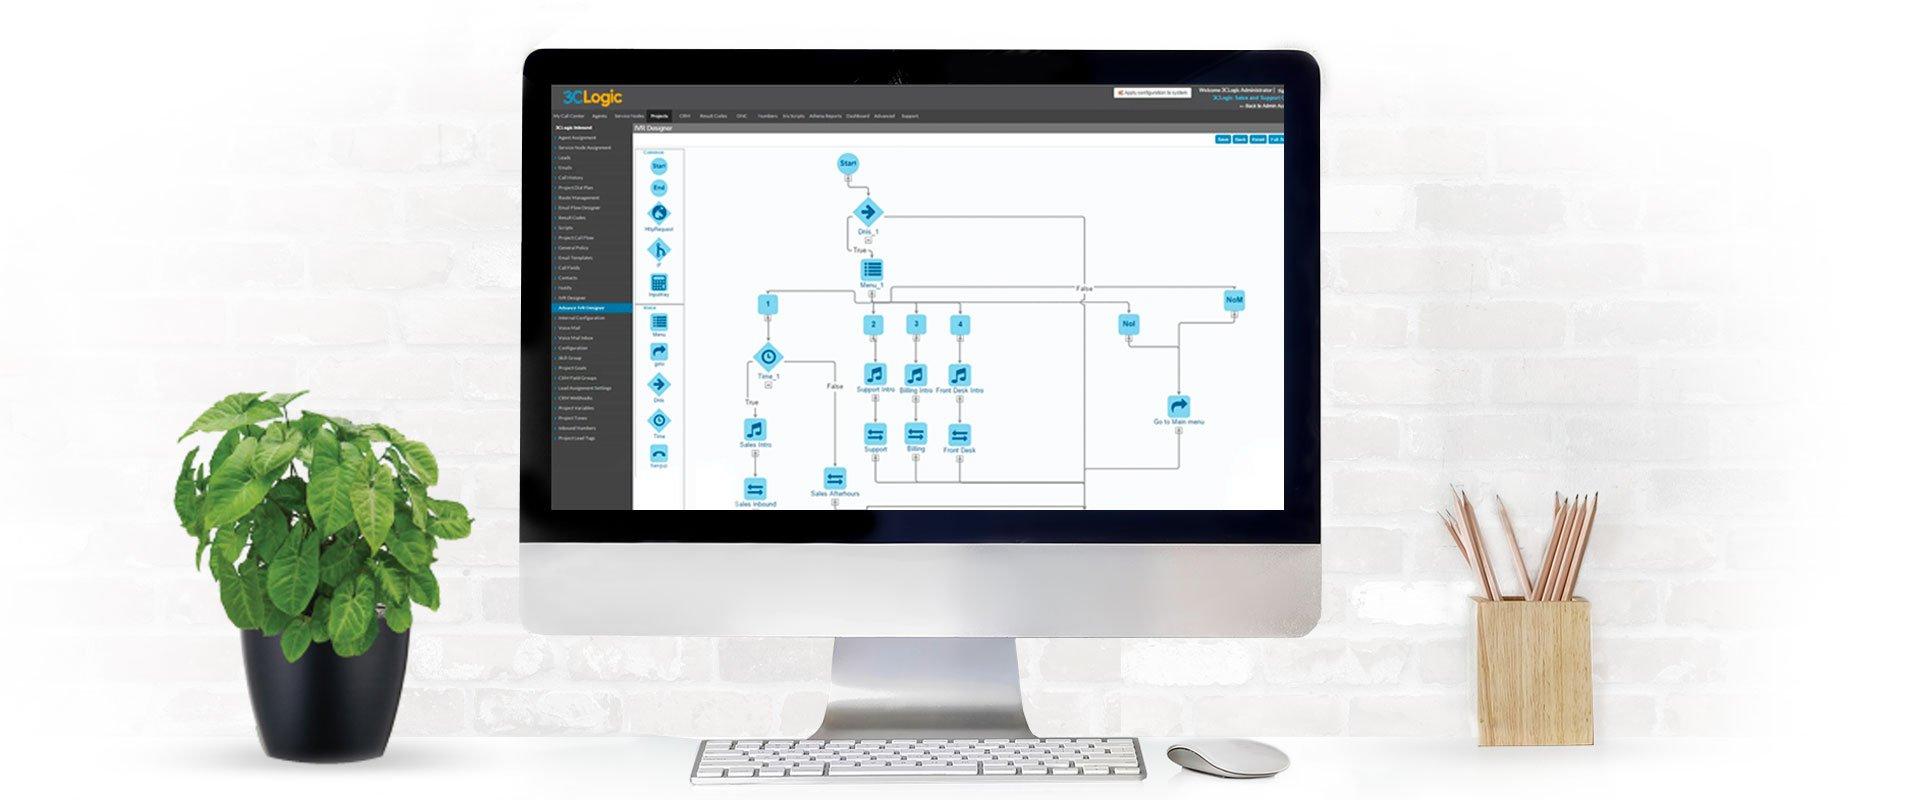 Desktop computer with screenshot of 3CLogic's IVR designer